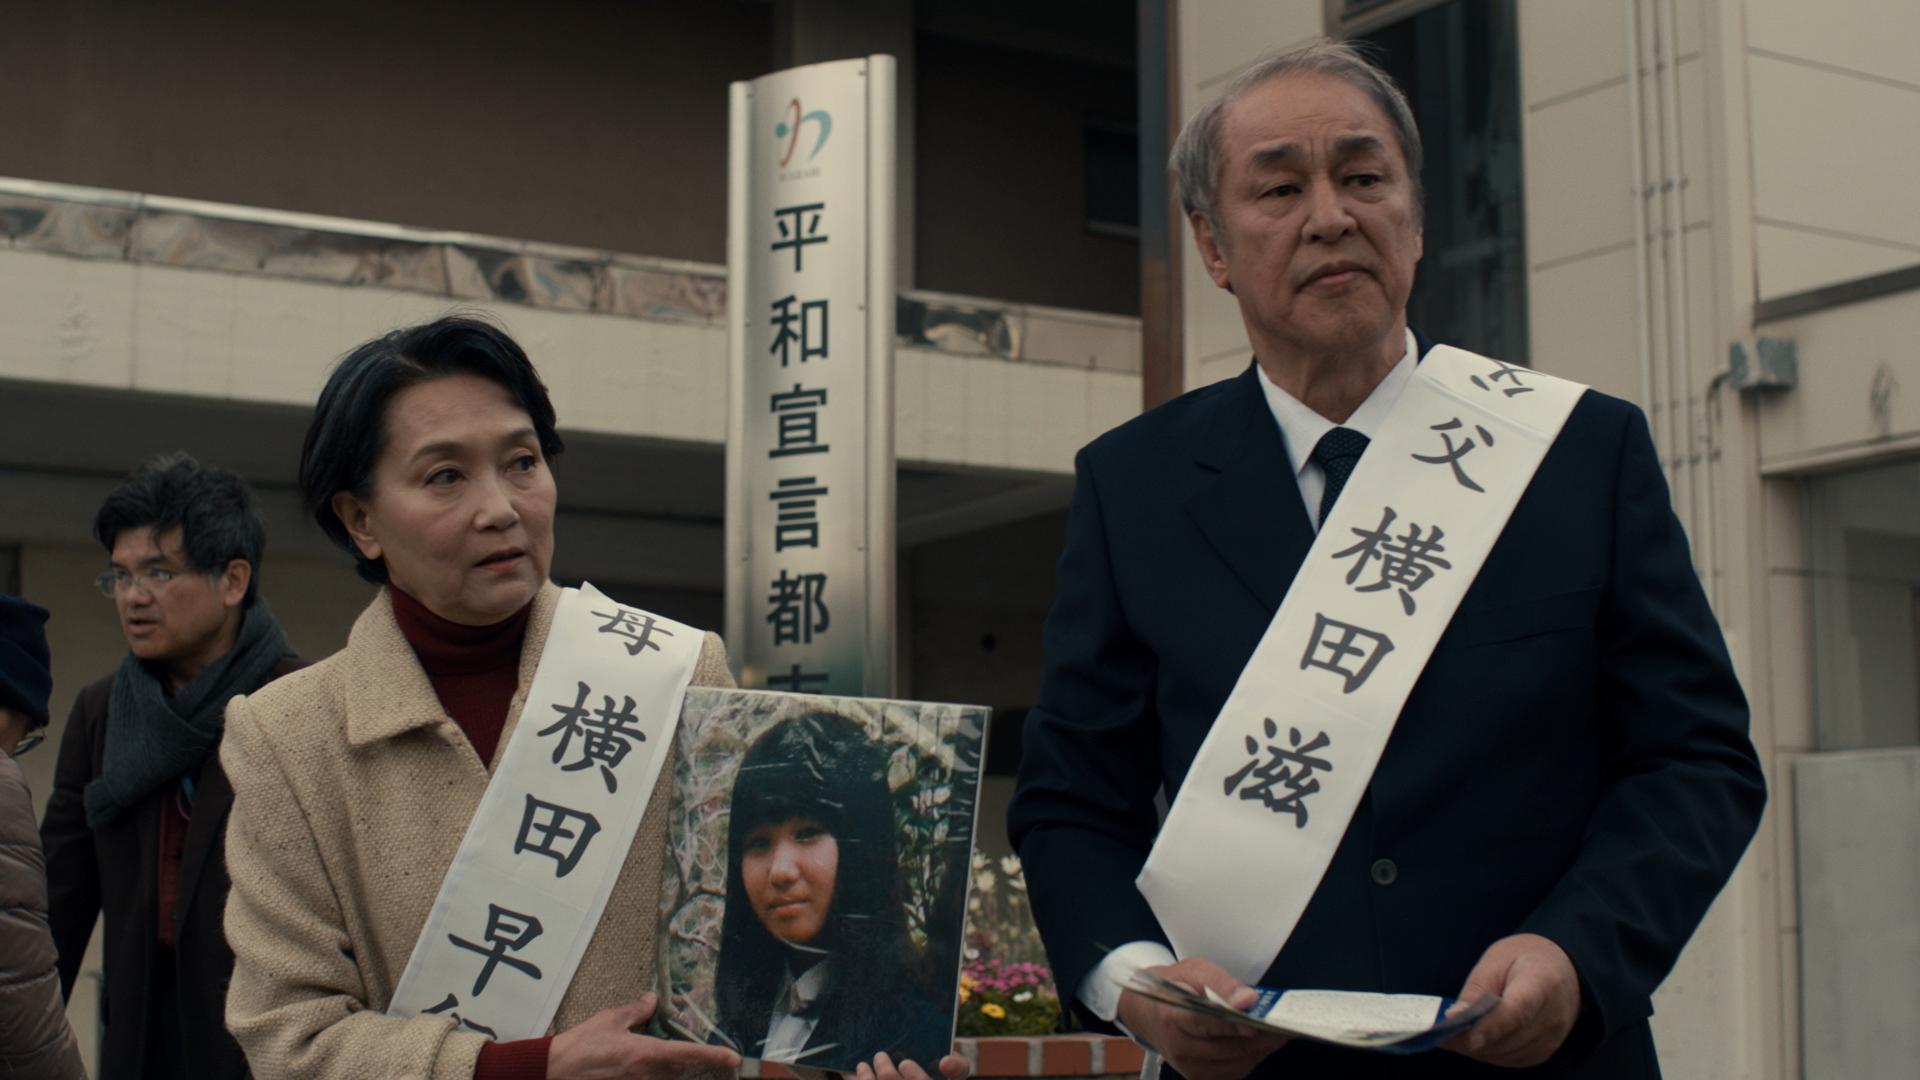 『めぐみへの誓い』上映日程について